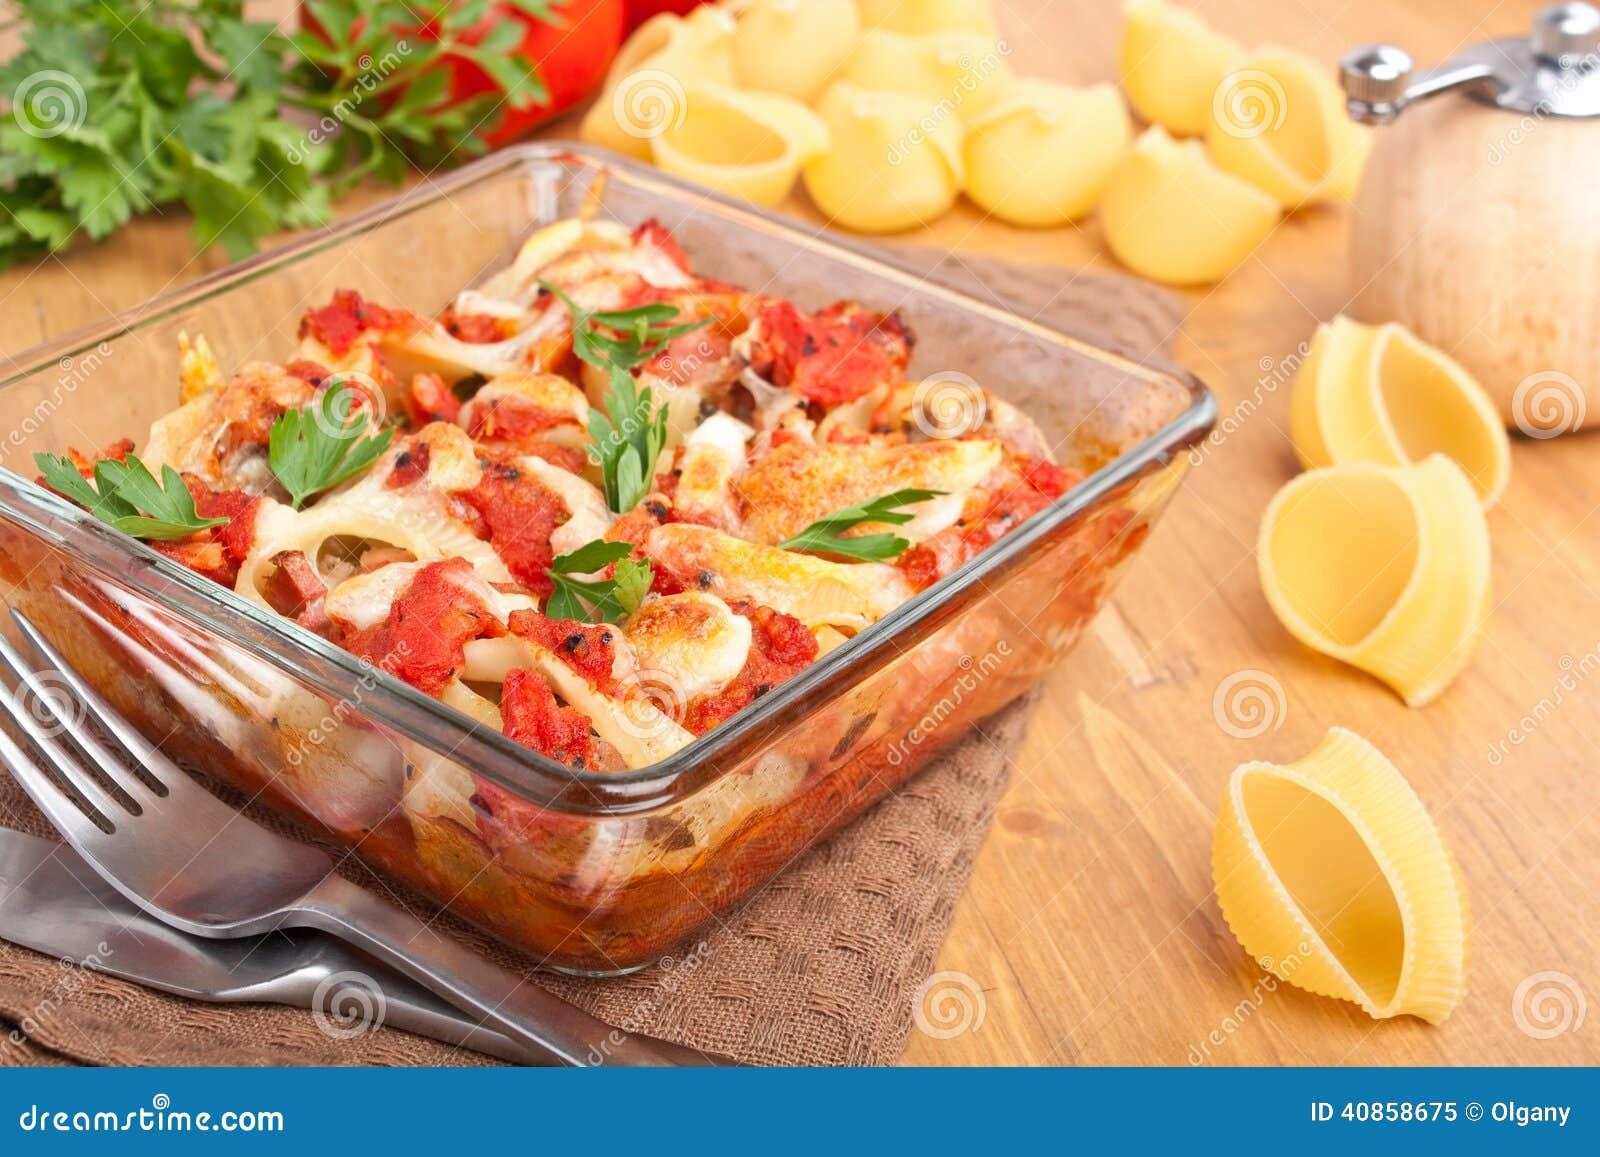 Stuffed Pasta Shells Stock Photo - Image: 40858675